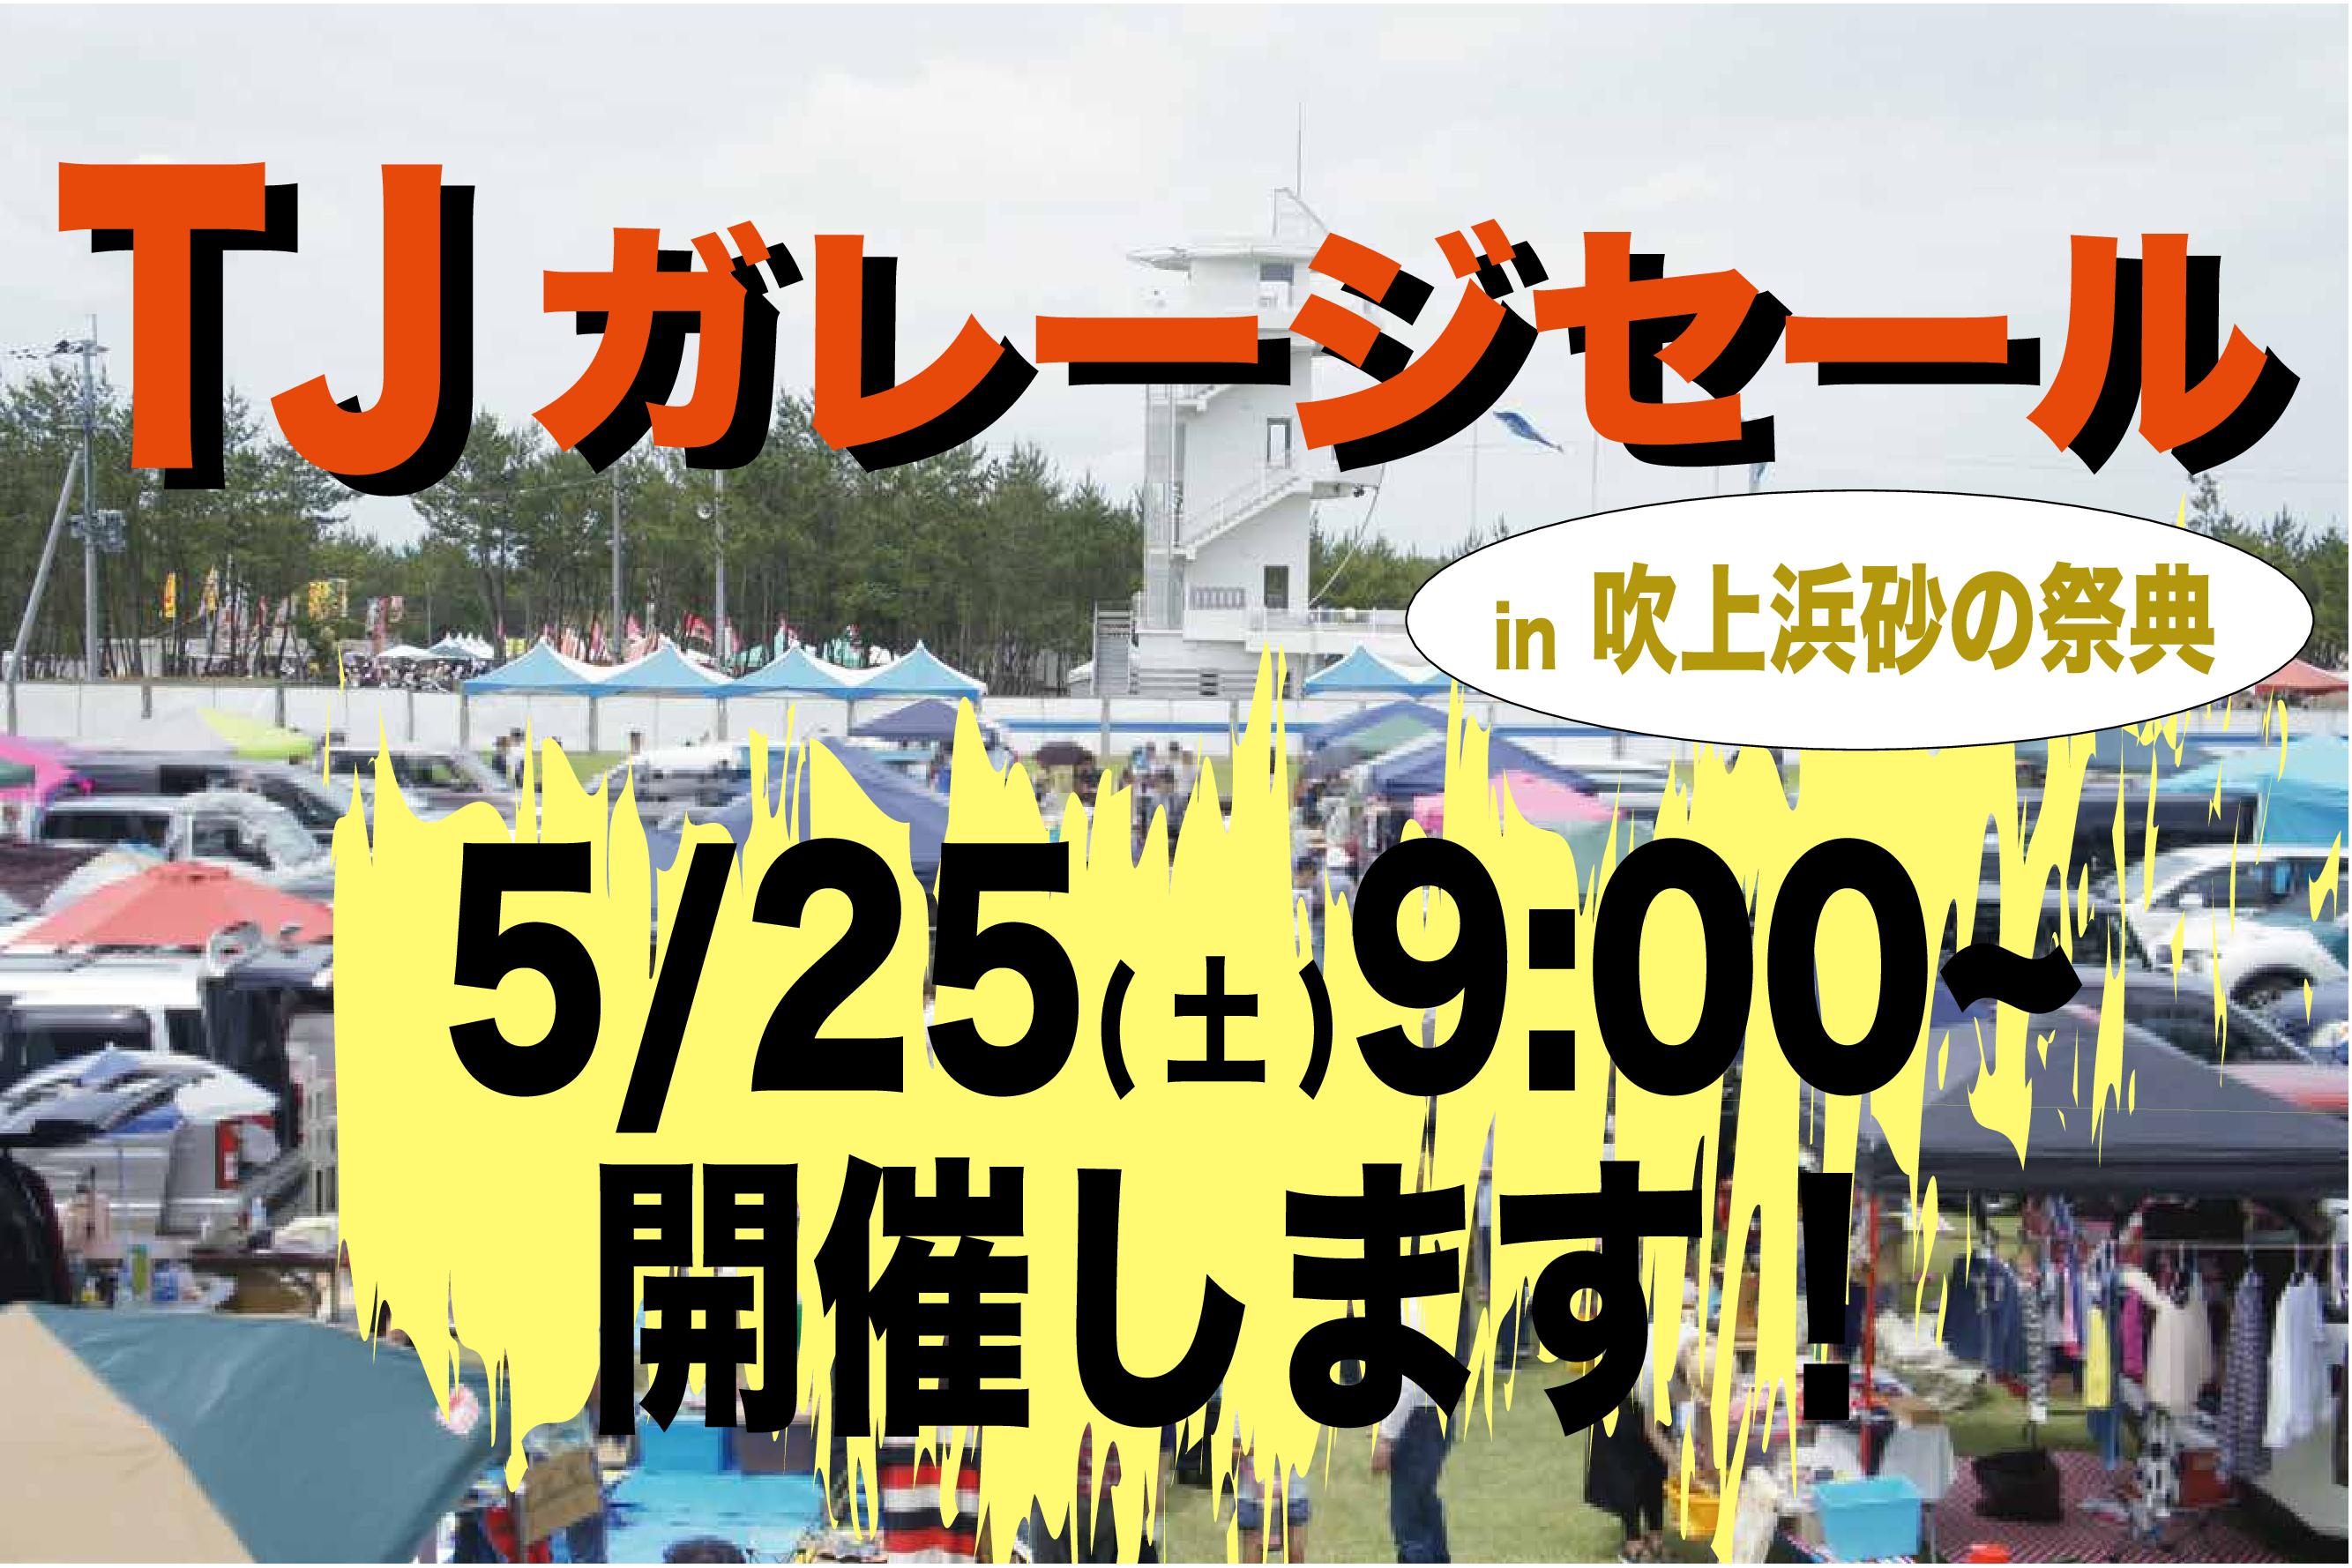 【TJガレージセールin吹上浜砂の祭典】明日(5/25)、開催します!